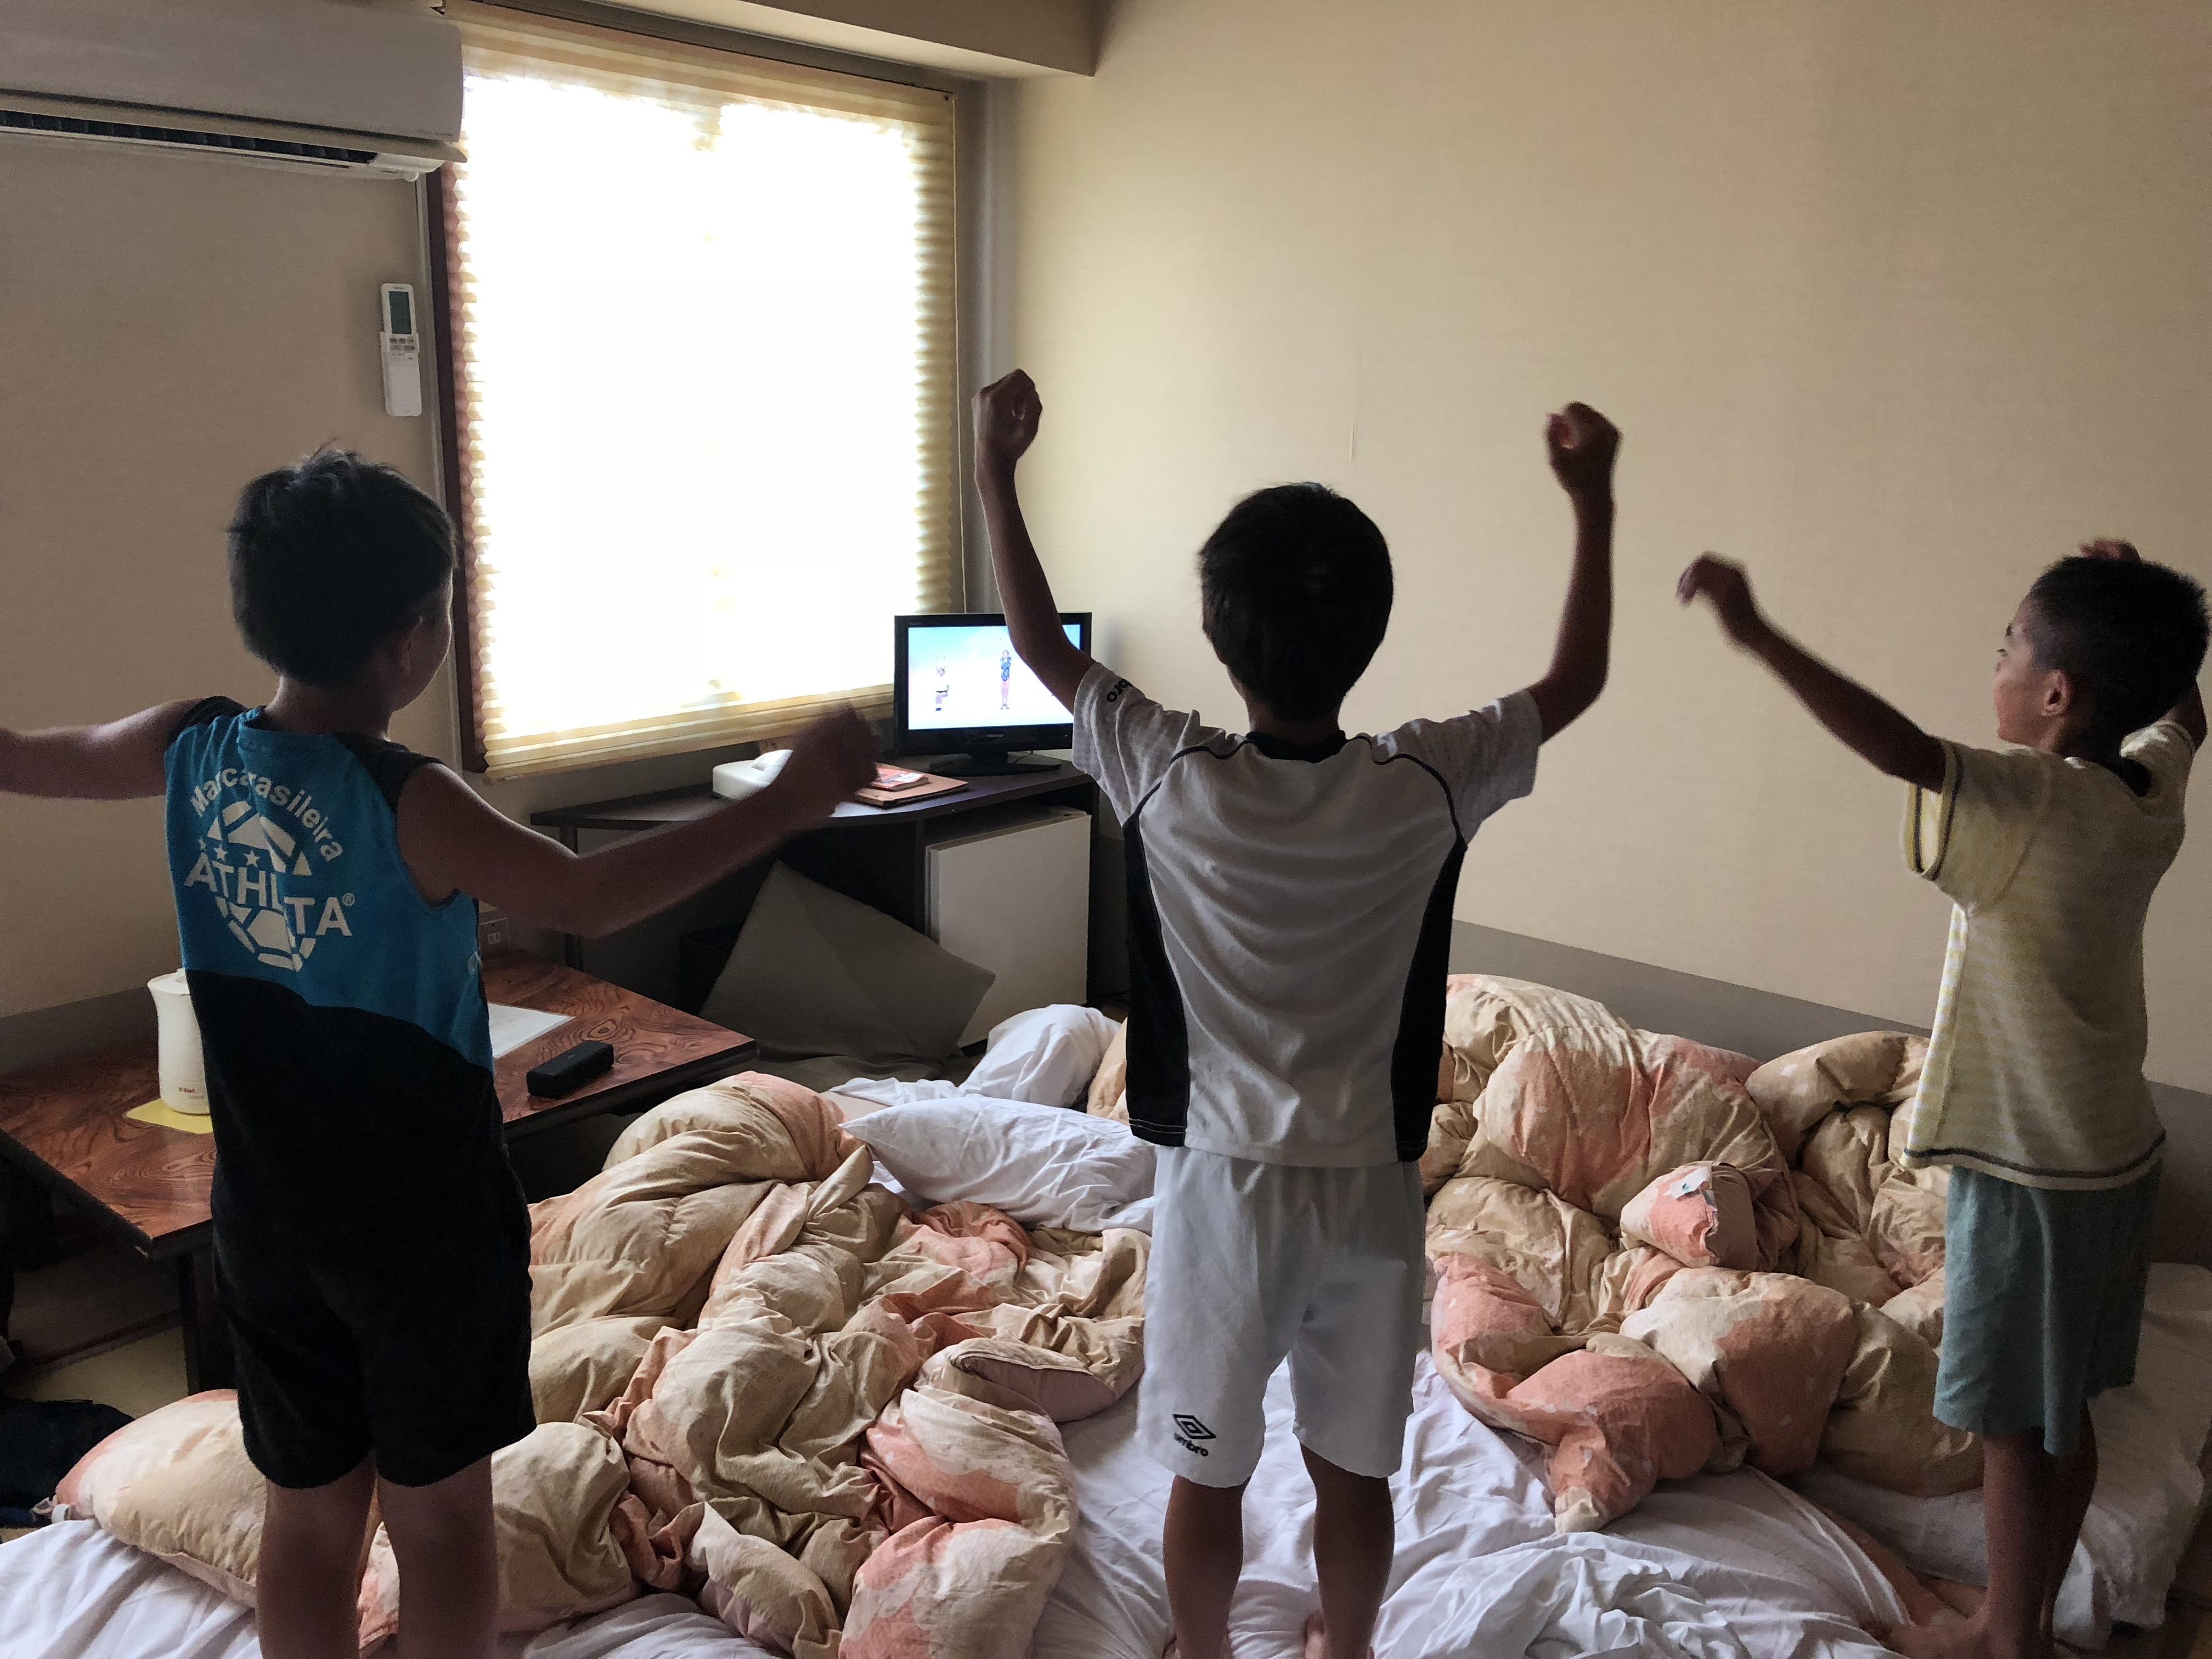 テレビを見ながらラジオ体操している選手